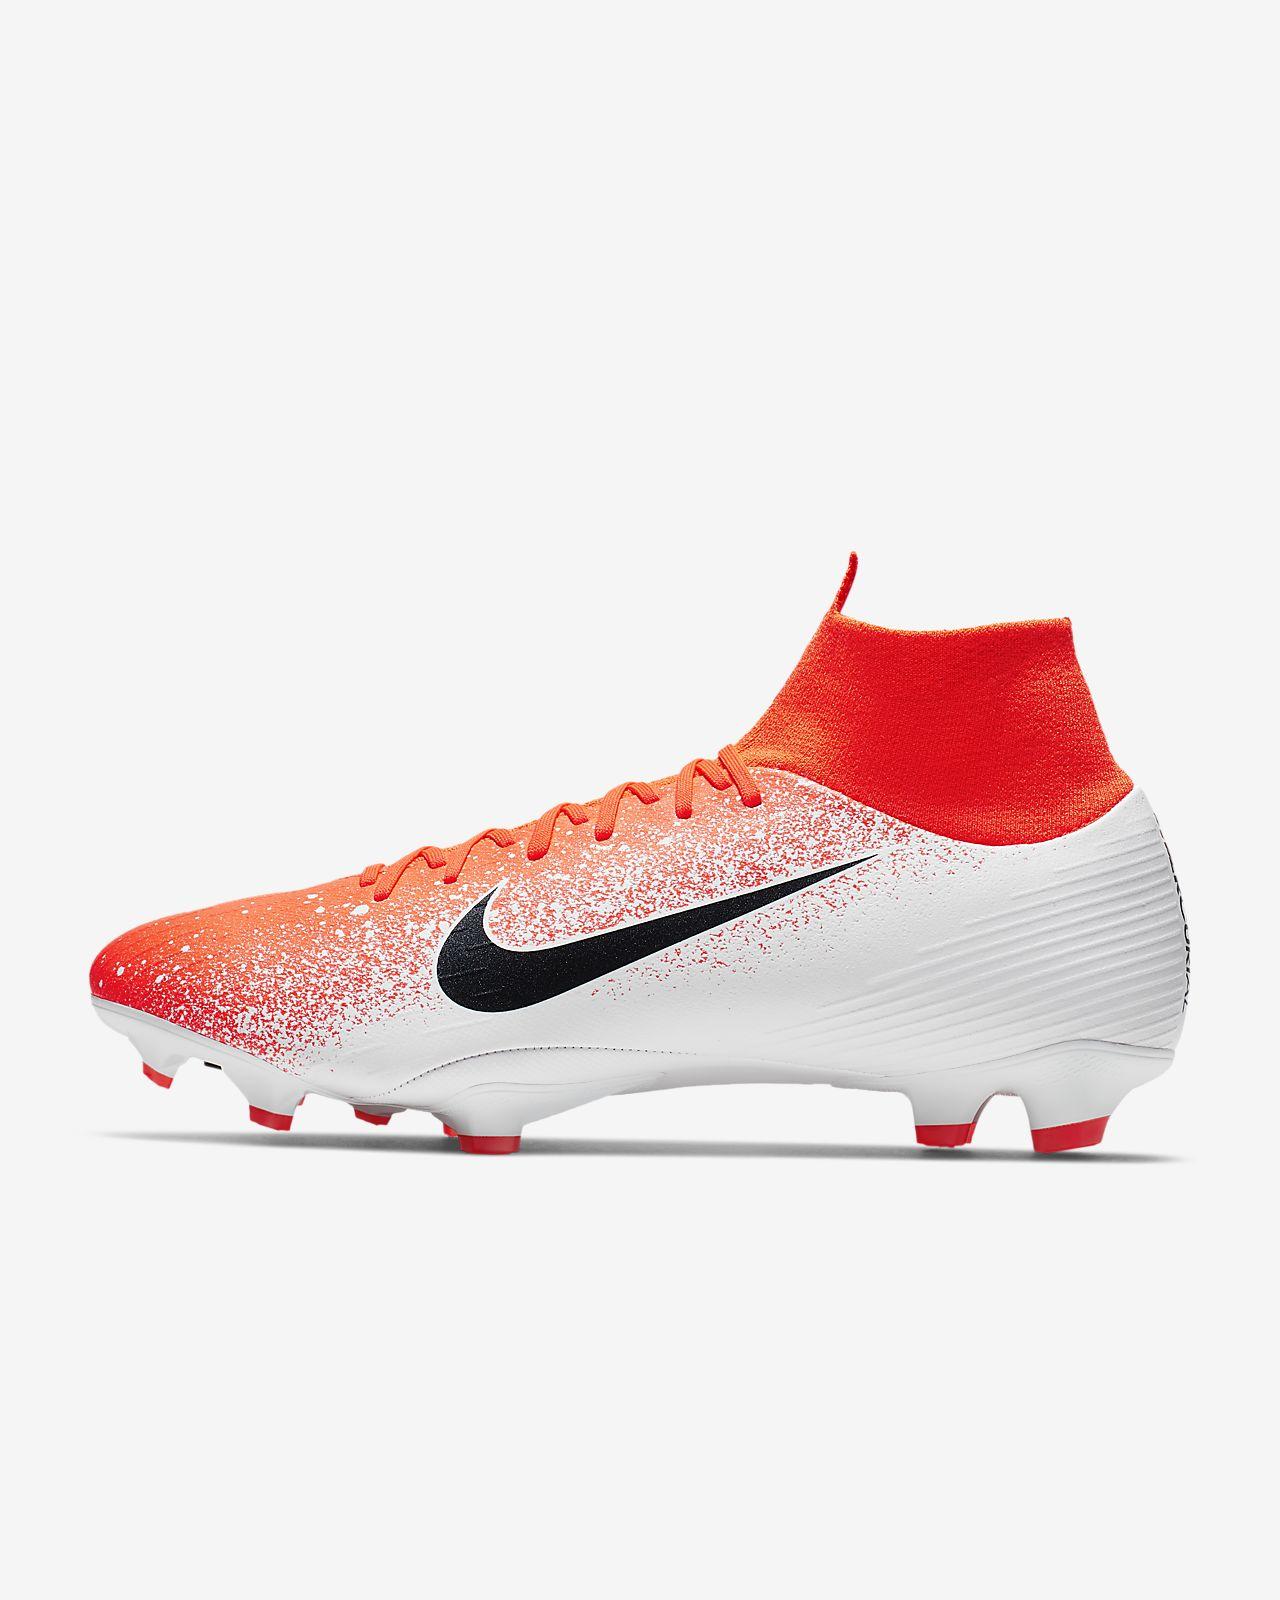 รองเท้าสตั๊ดฟุตบอลสำหรับพื้นสนามทั่วไป Nike Superfly 6 Pro FG